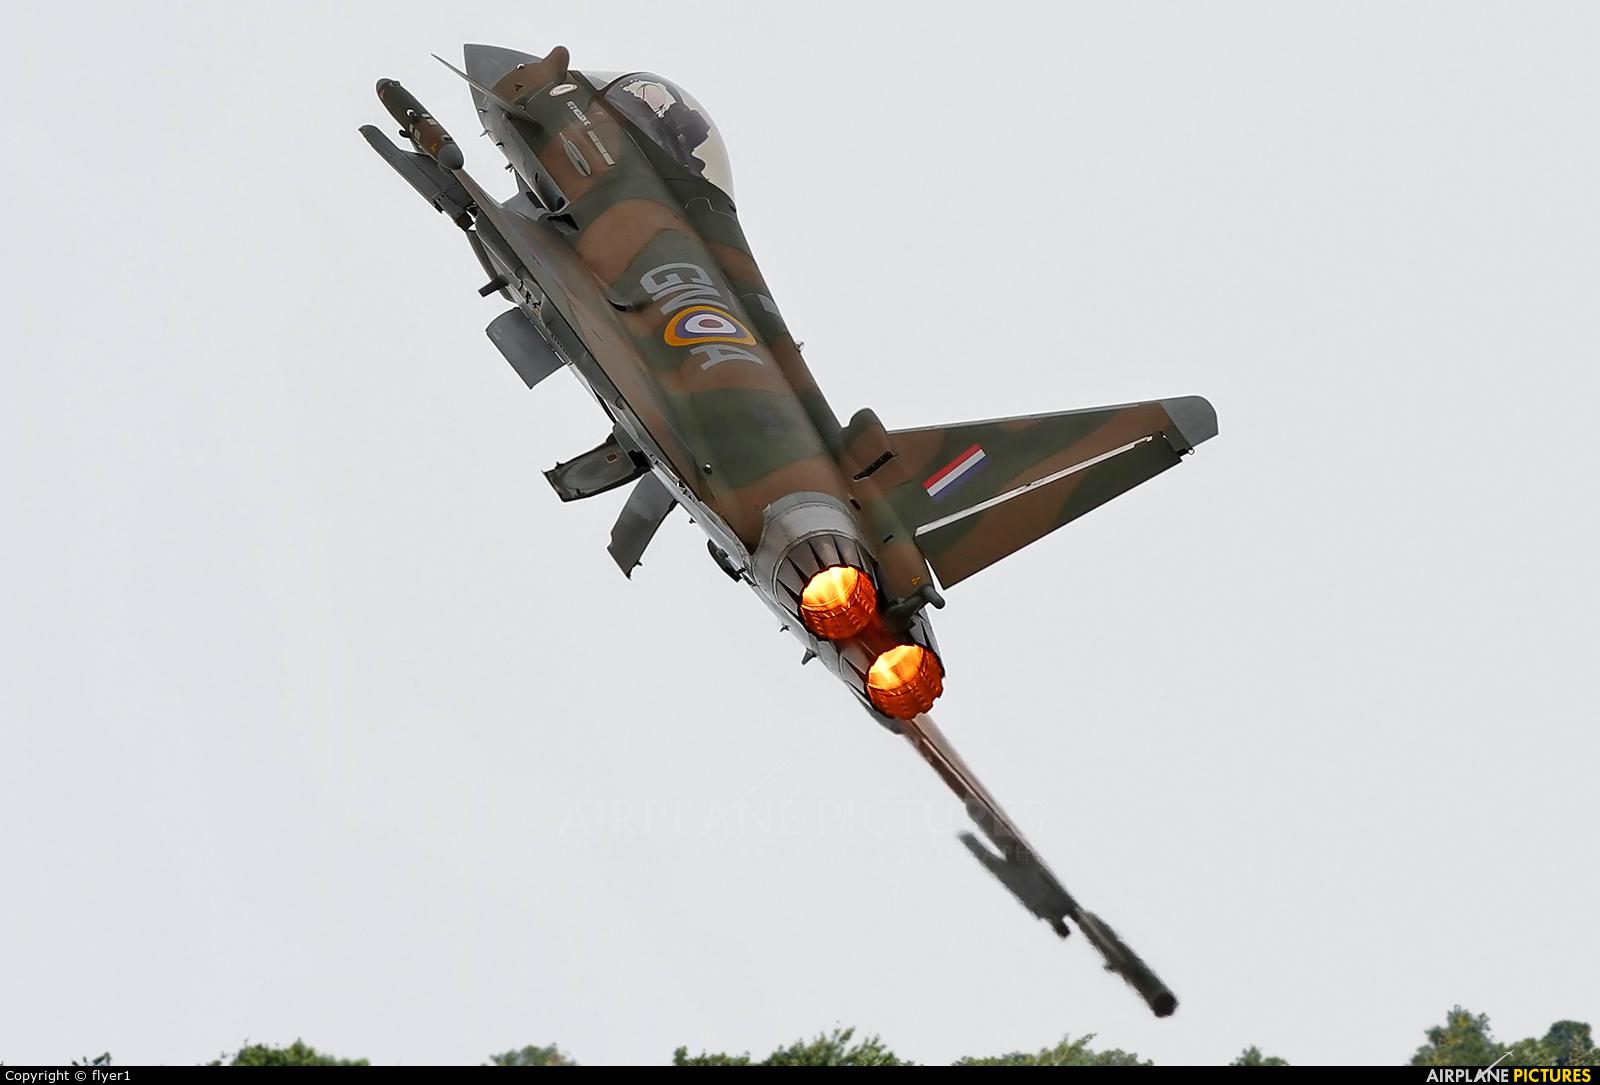 Royal Air Force ZK349 aircraft at Fairford